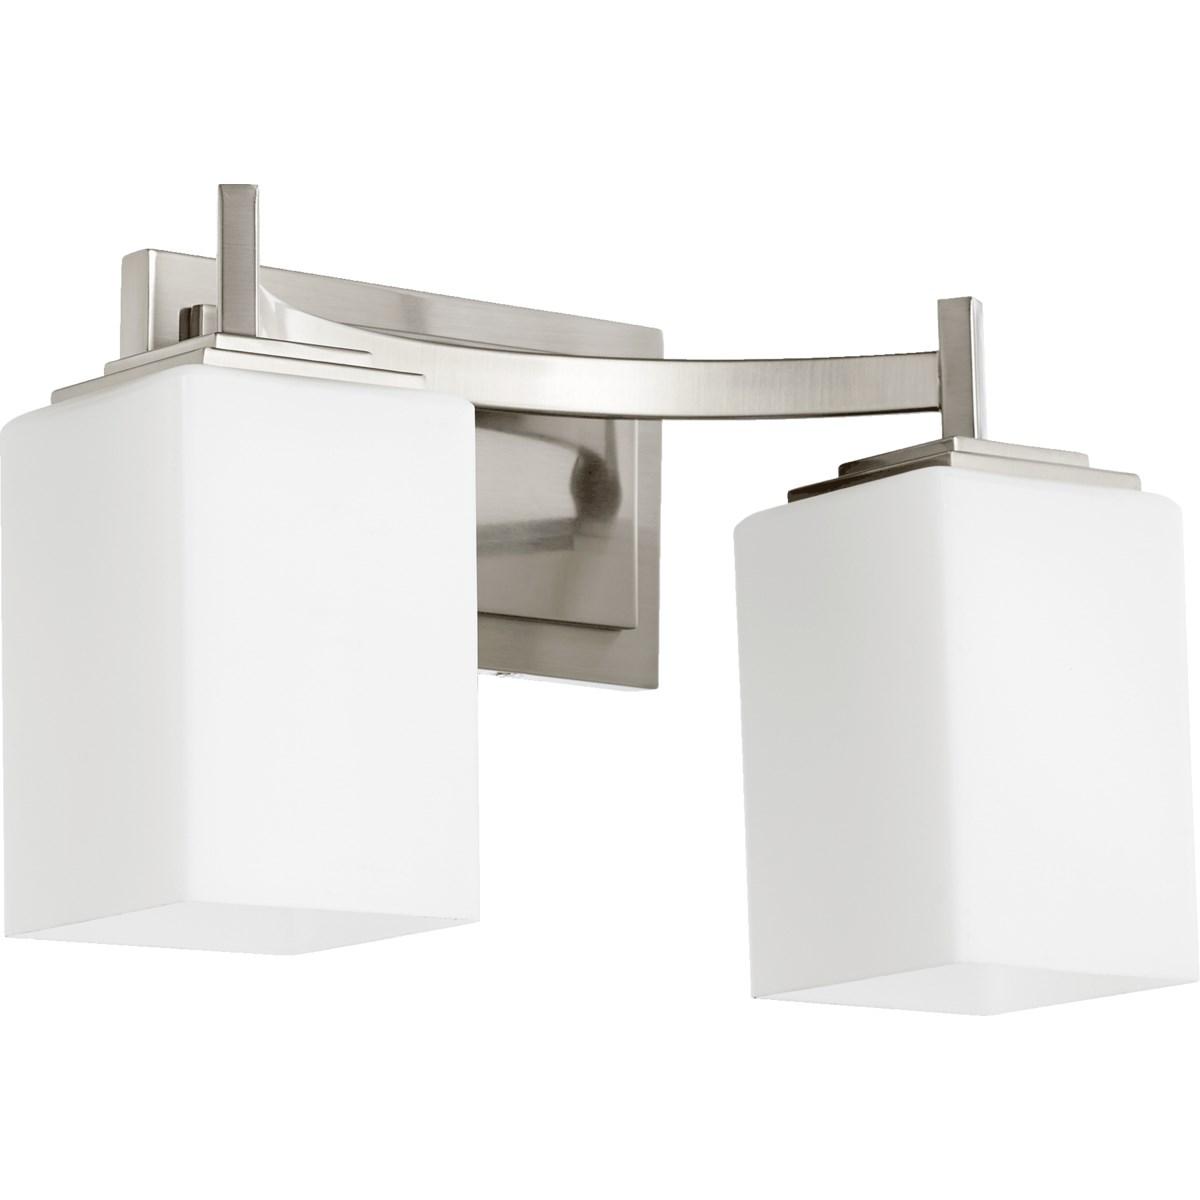 Delta 2 Light Modern and Contemporary Satin Nickel Vanity